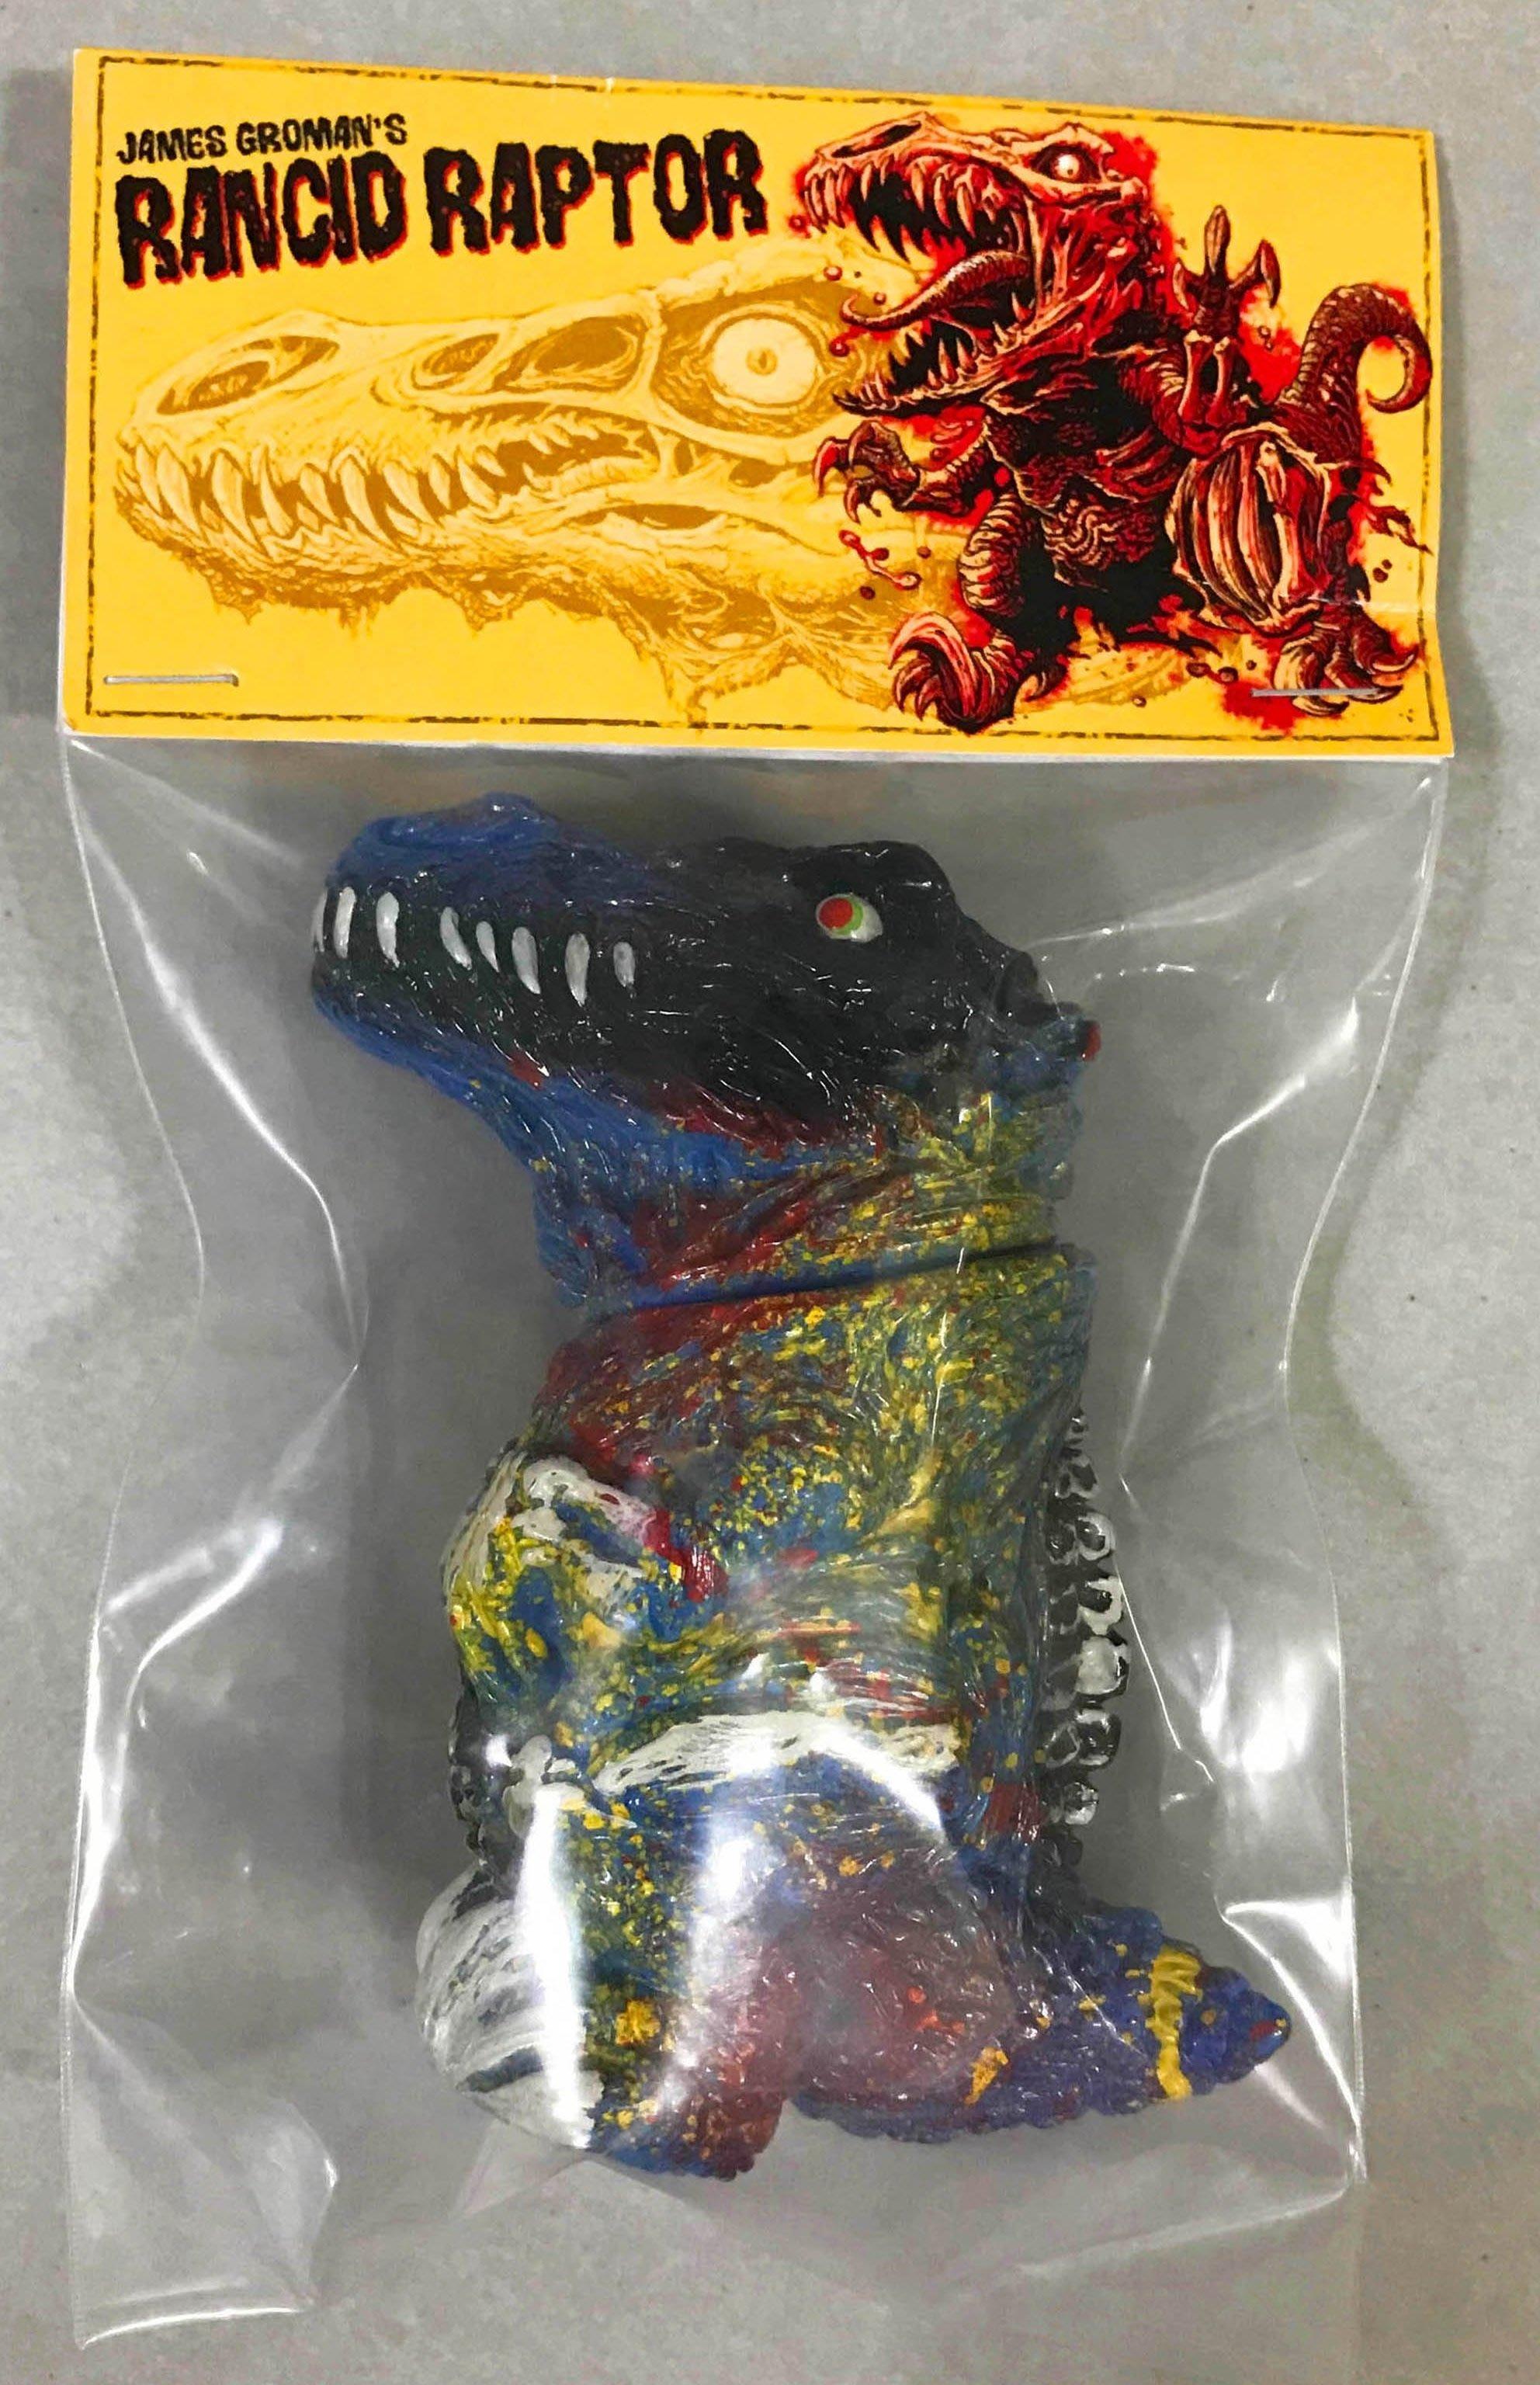 全新 JAMES GROMANS RANCID RAPTOR 3.5 小恐龍 大膠